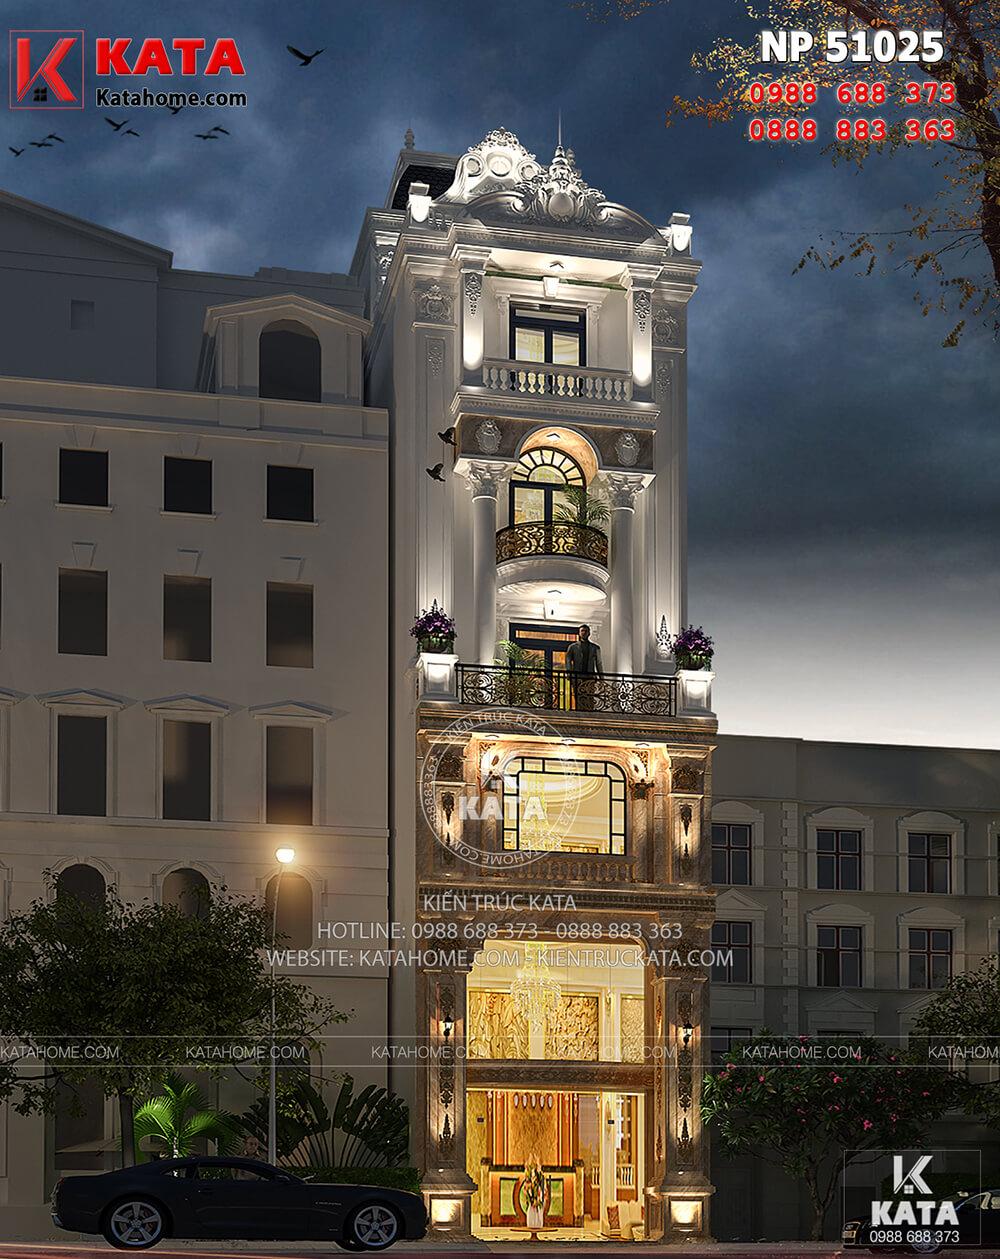 Mẫu biệt thự nhà phố tân cổ điển đẹp tại Ninh Bình lộng lẫy về đêm